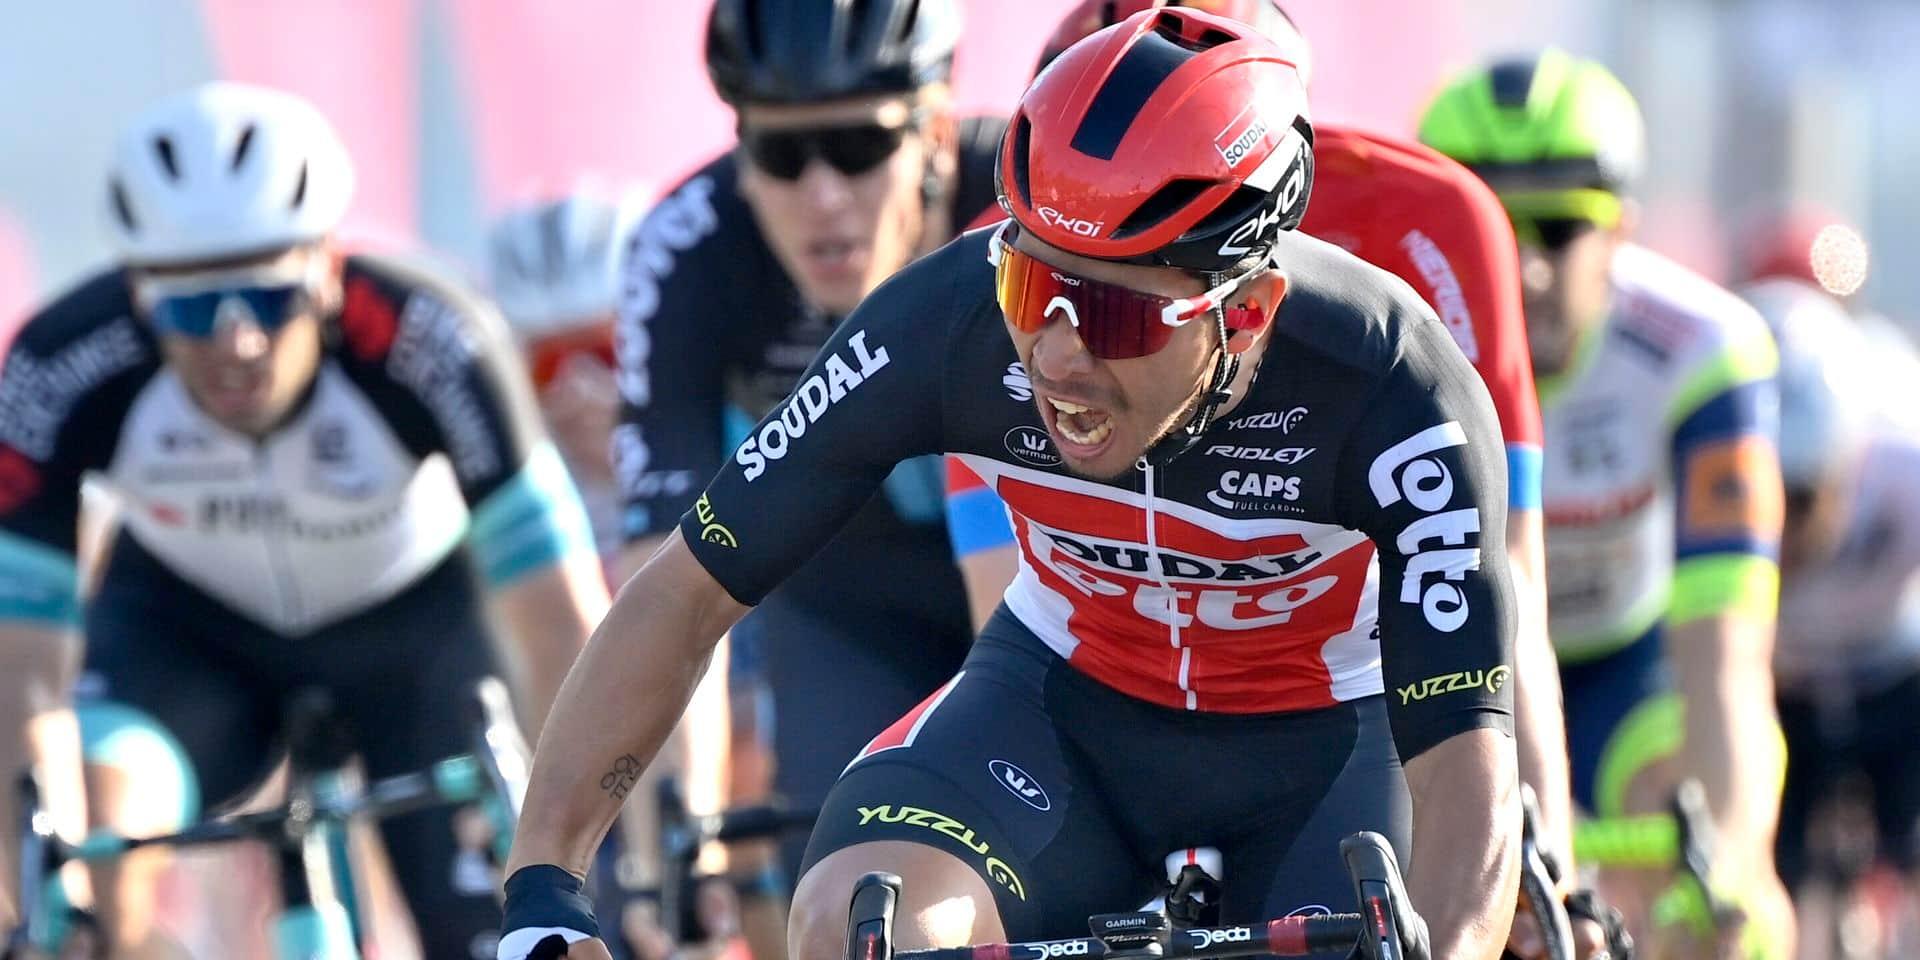 """Caleb Ewan veut gagner une étape sur les trois grands tours cette saison : """"Au Giro, le niveau des sprinteurs est très élevé"""""""